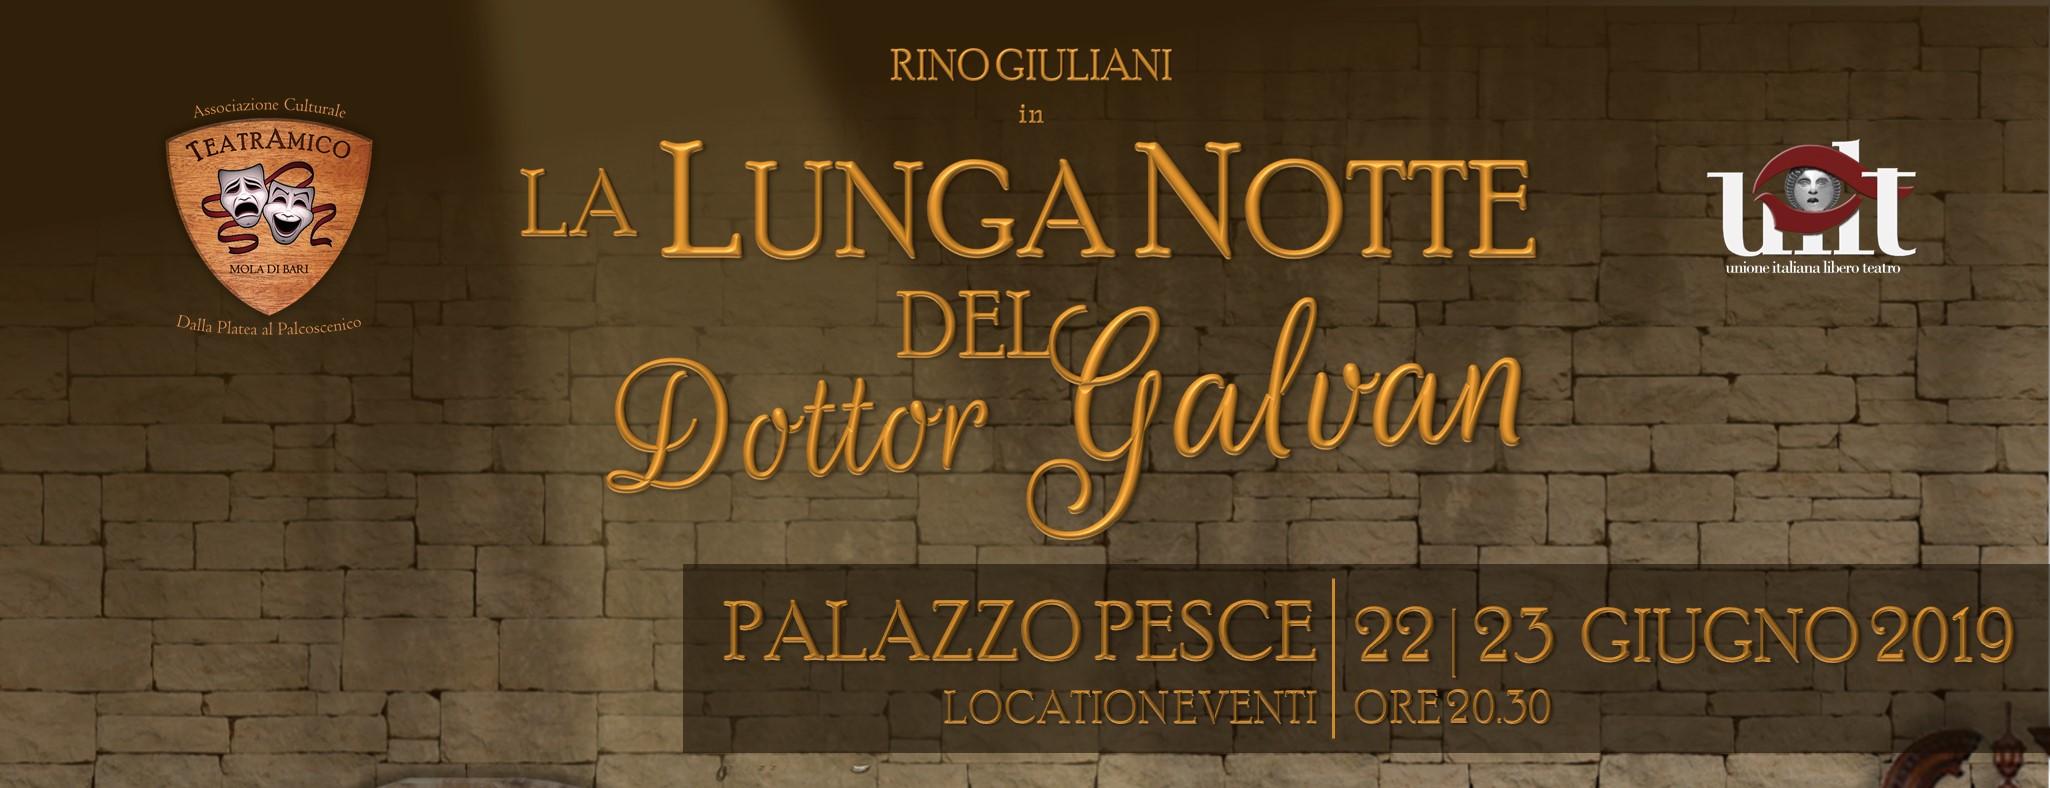 22 giugno 2019 La lunga notte del dottor Galvan a Palazzo Pesce